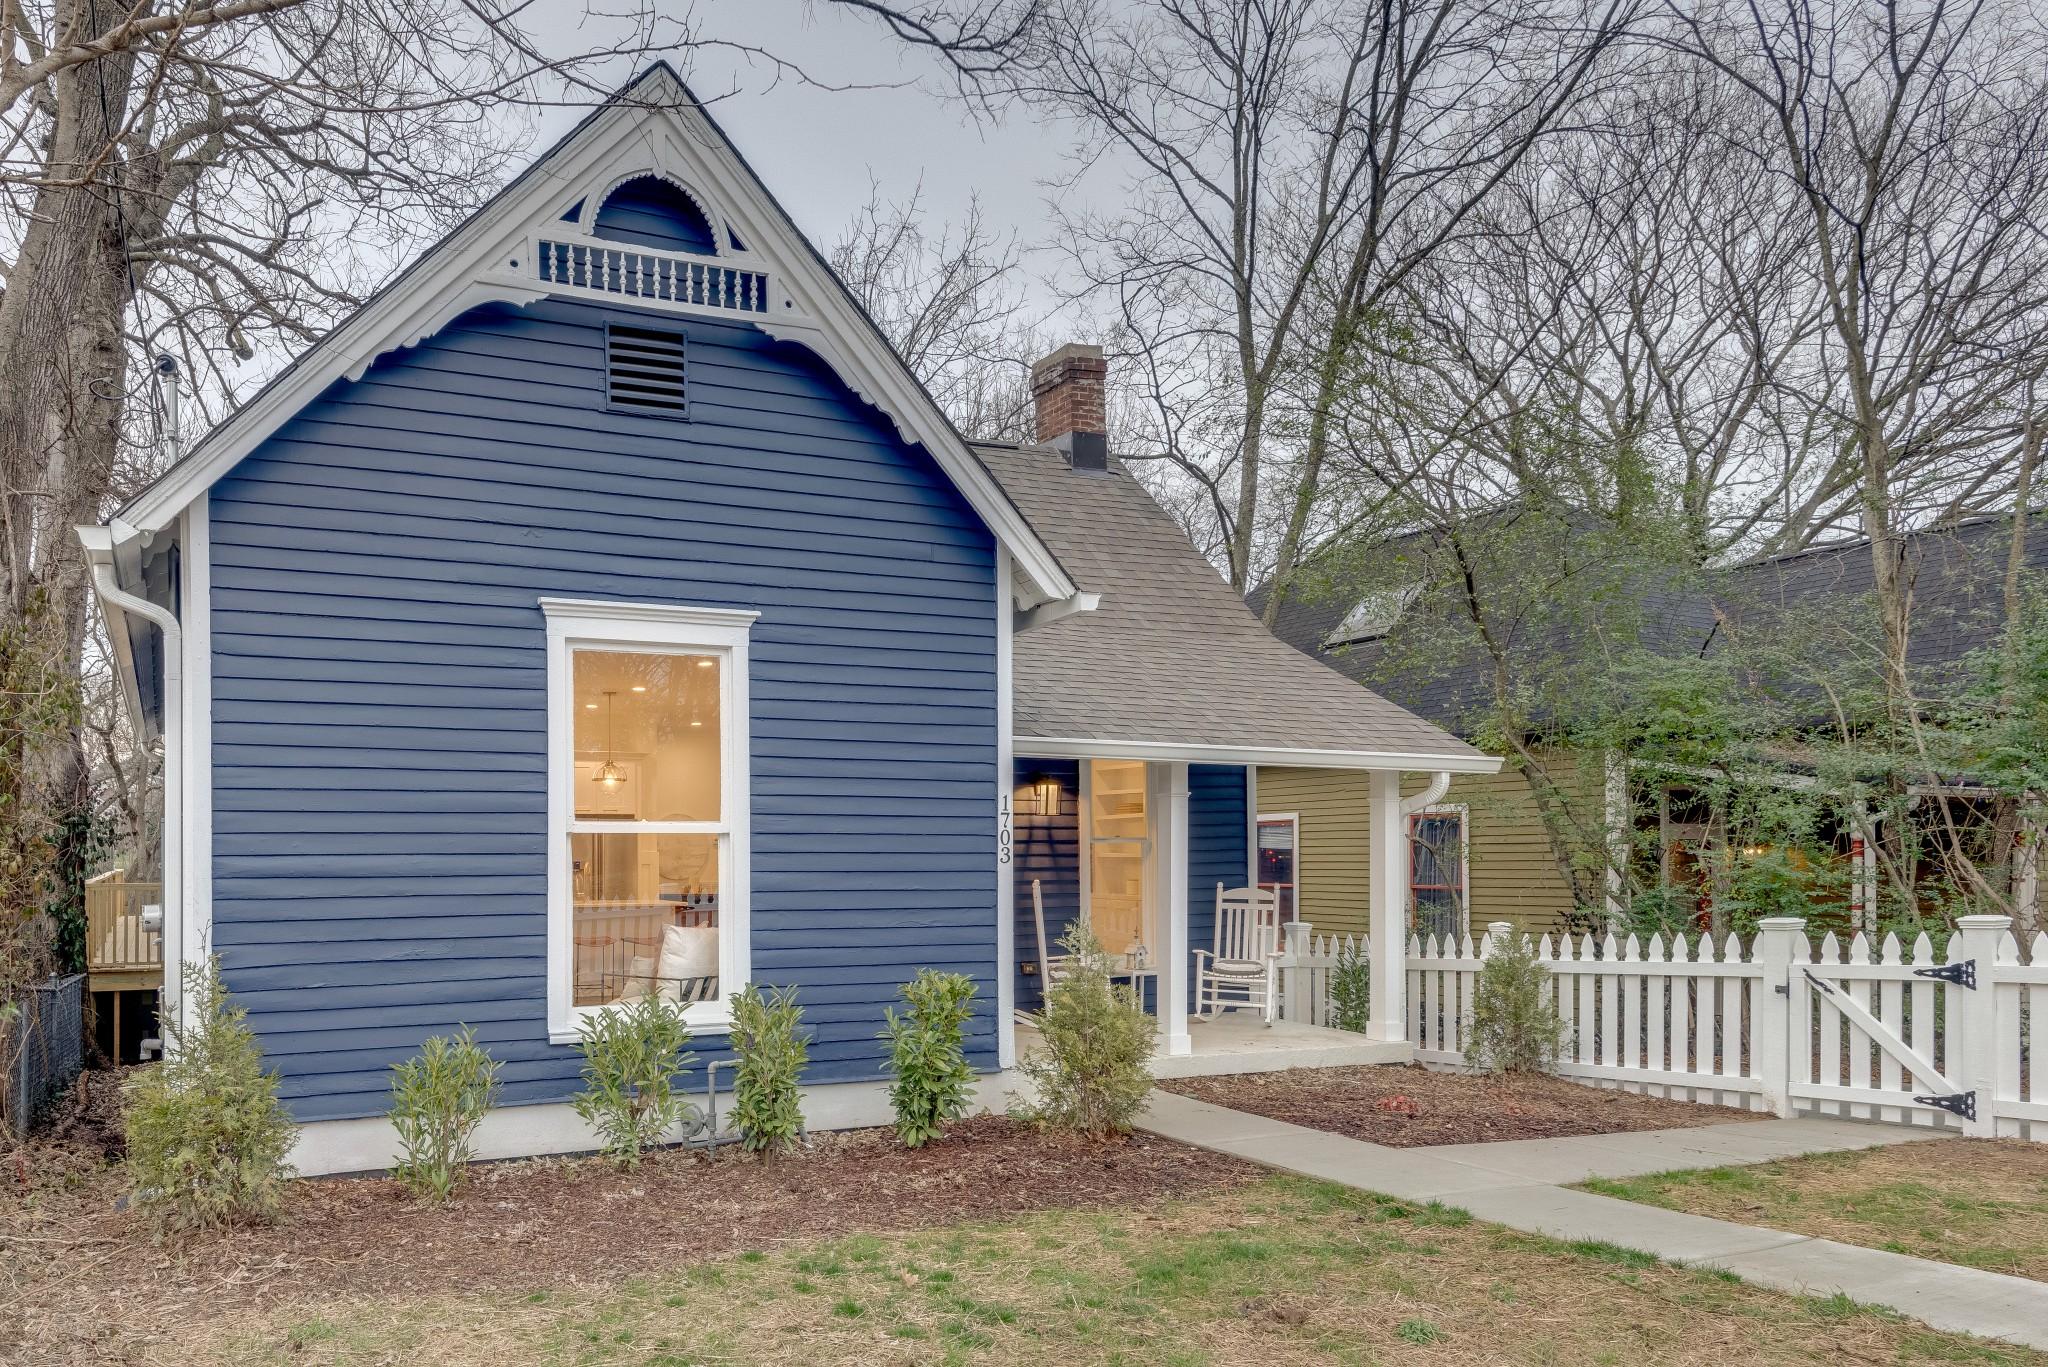 1703 Forrest Ave, Nashville, TN 37206 - Nashville, TN real estate listing